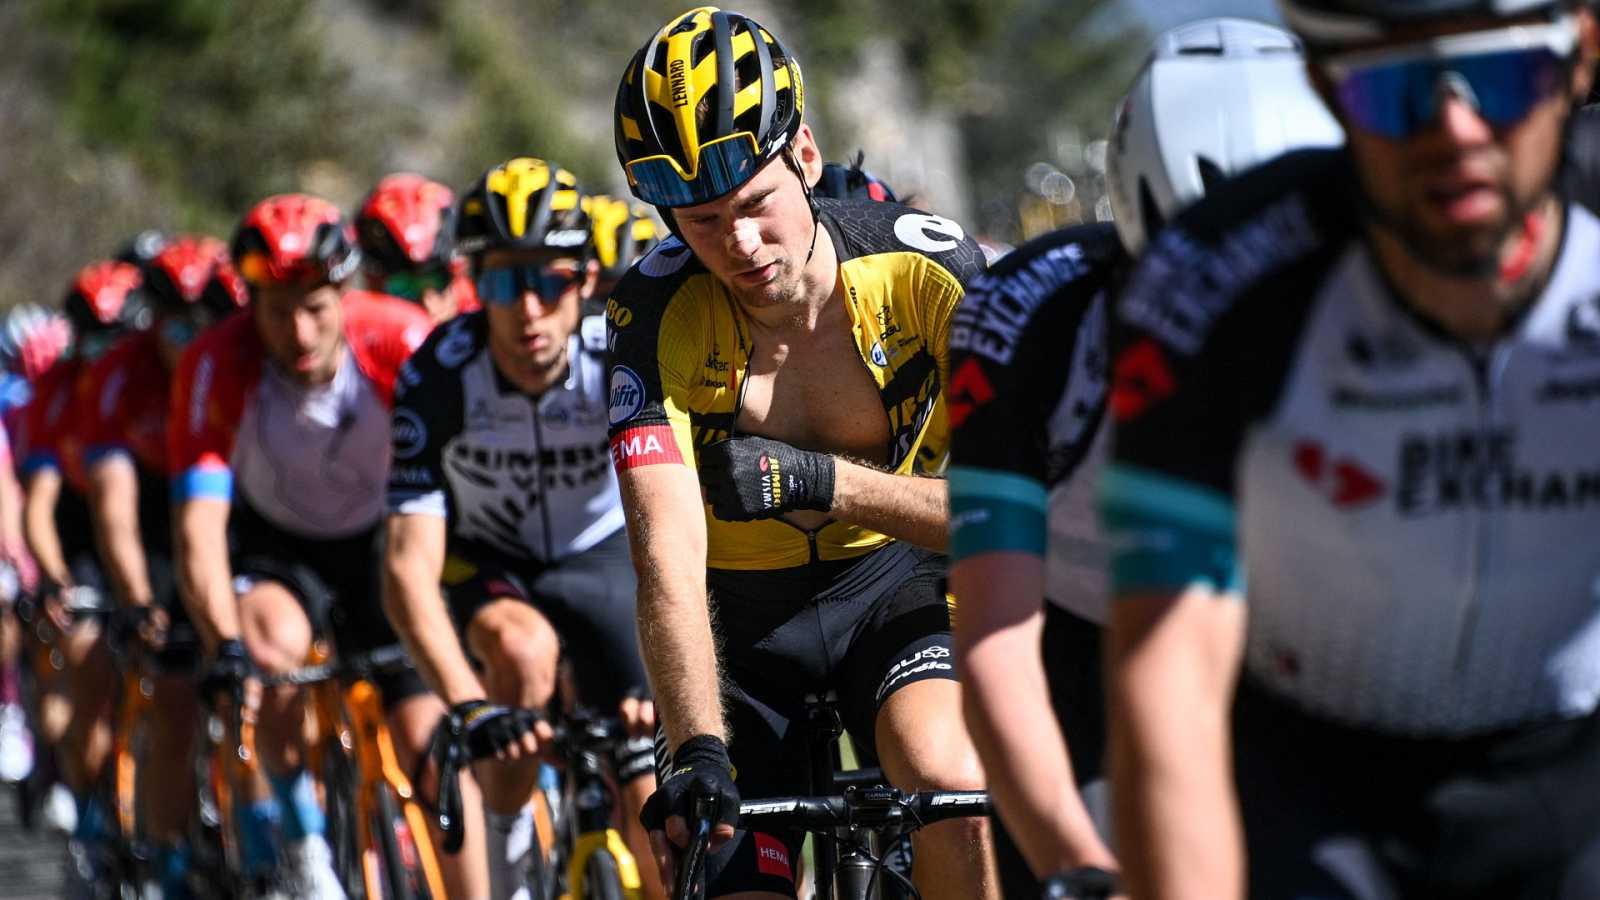 Ciclismo - París-Niza. 6ª etapa: Brignoles - Biot - ver ahora